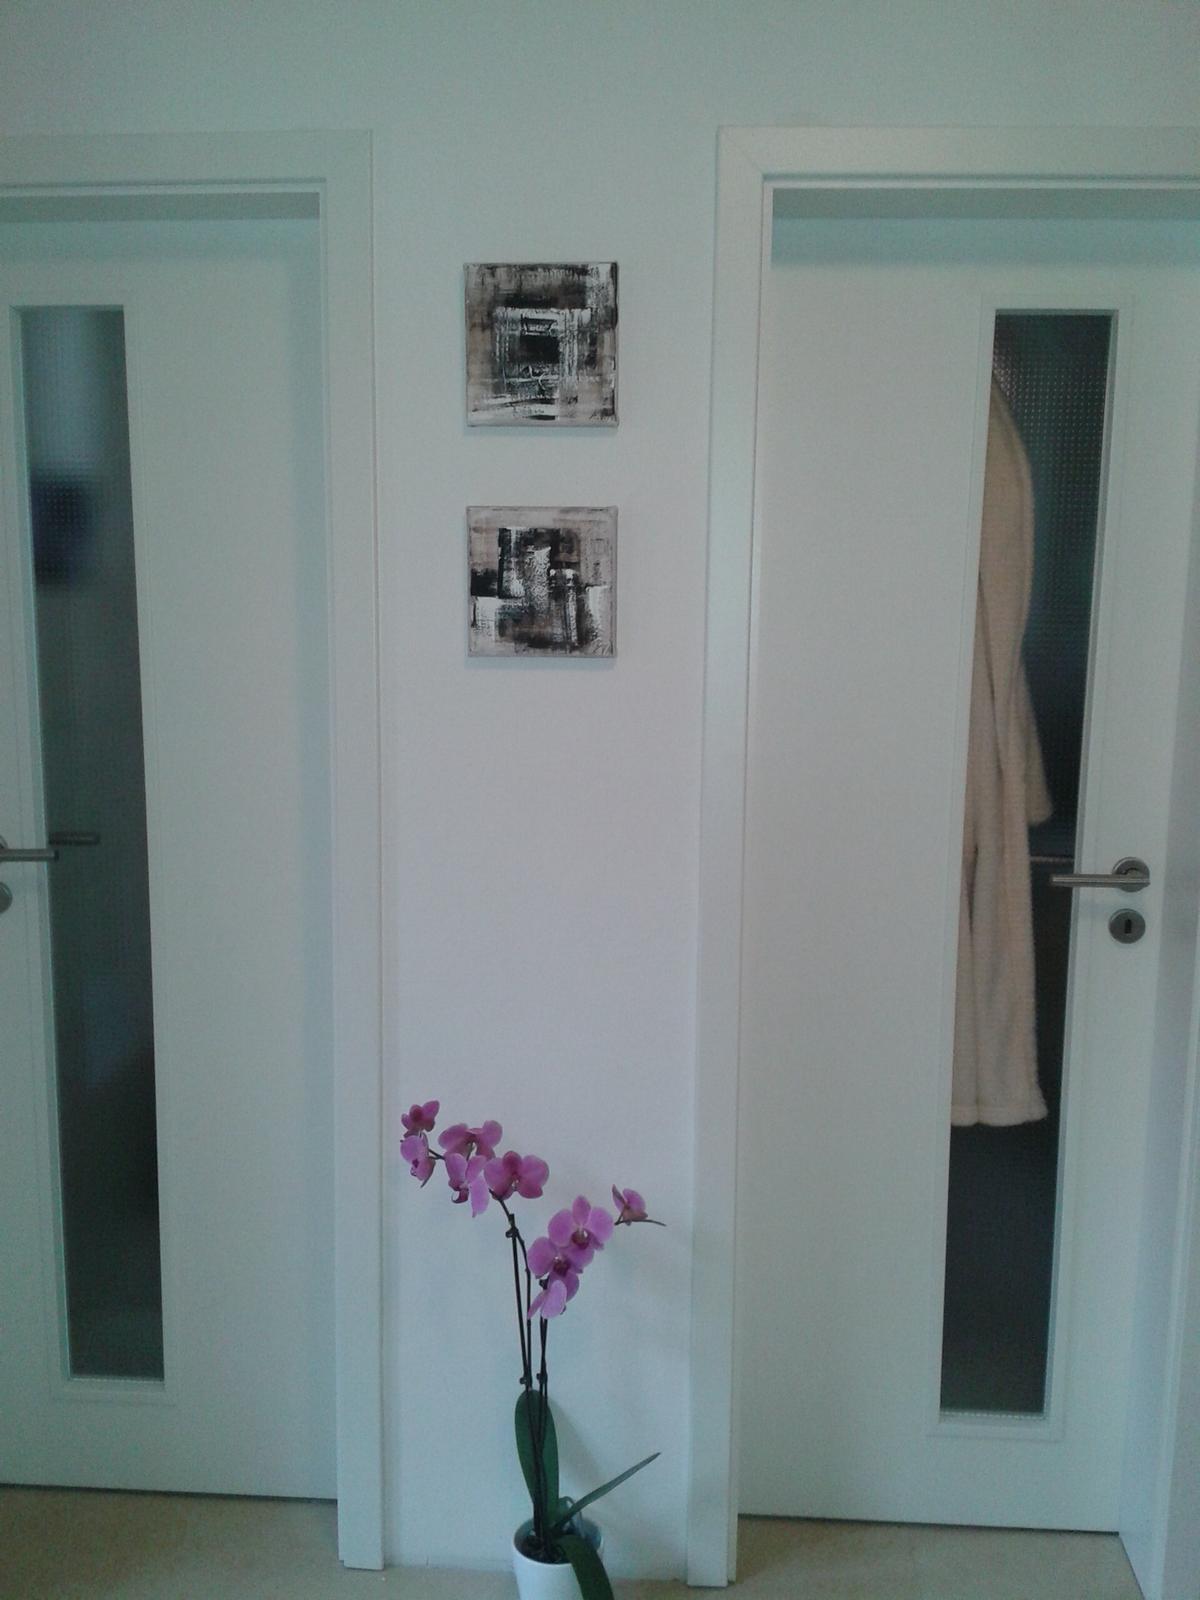 Mé obrazy v interiérech - Obrázek č. 19